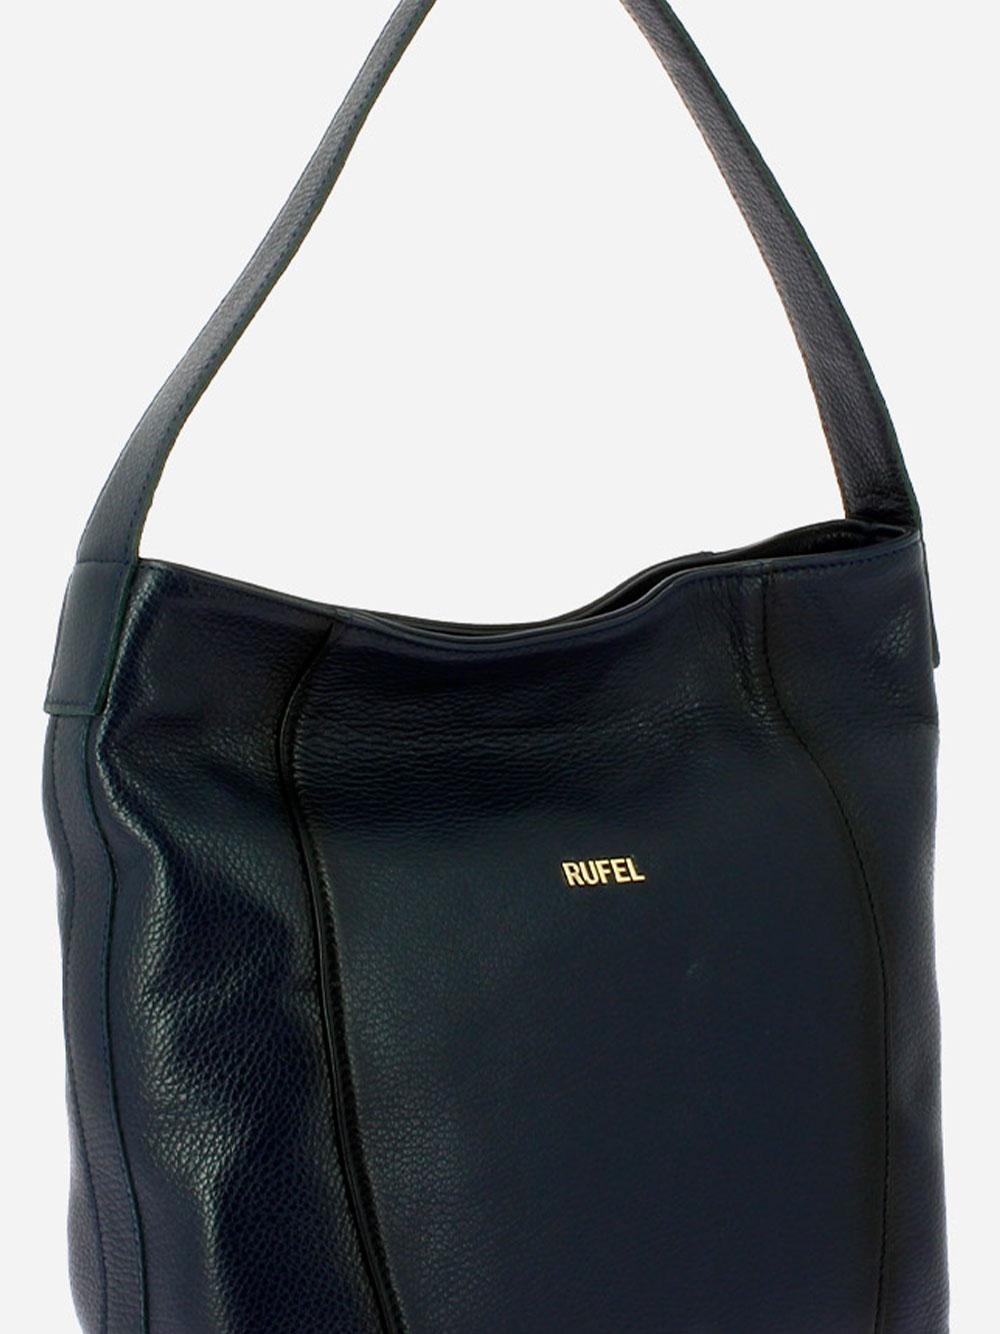 Blue Alce Shoulder Bag